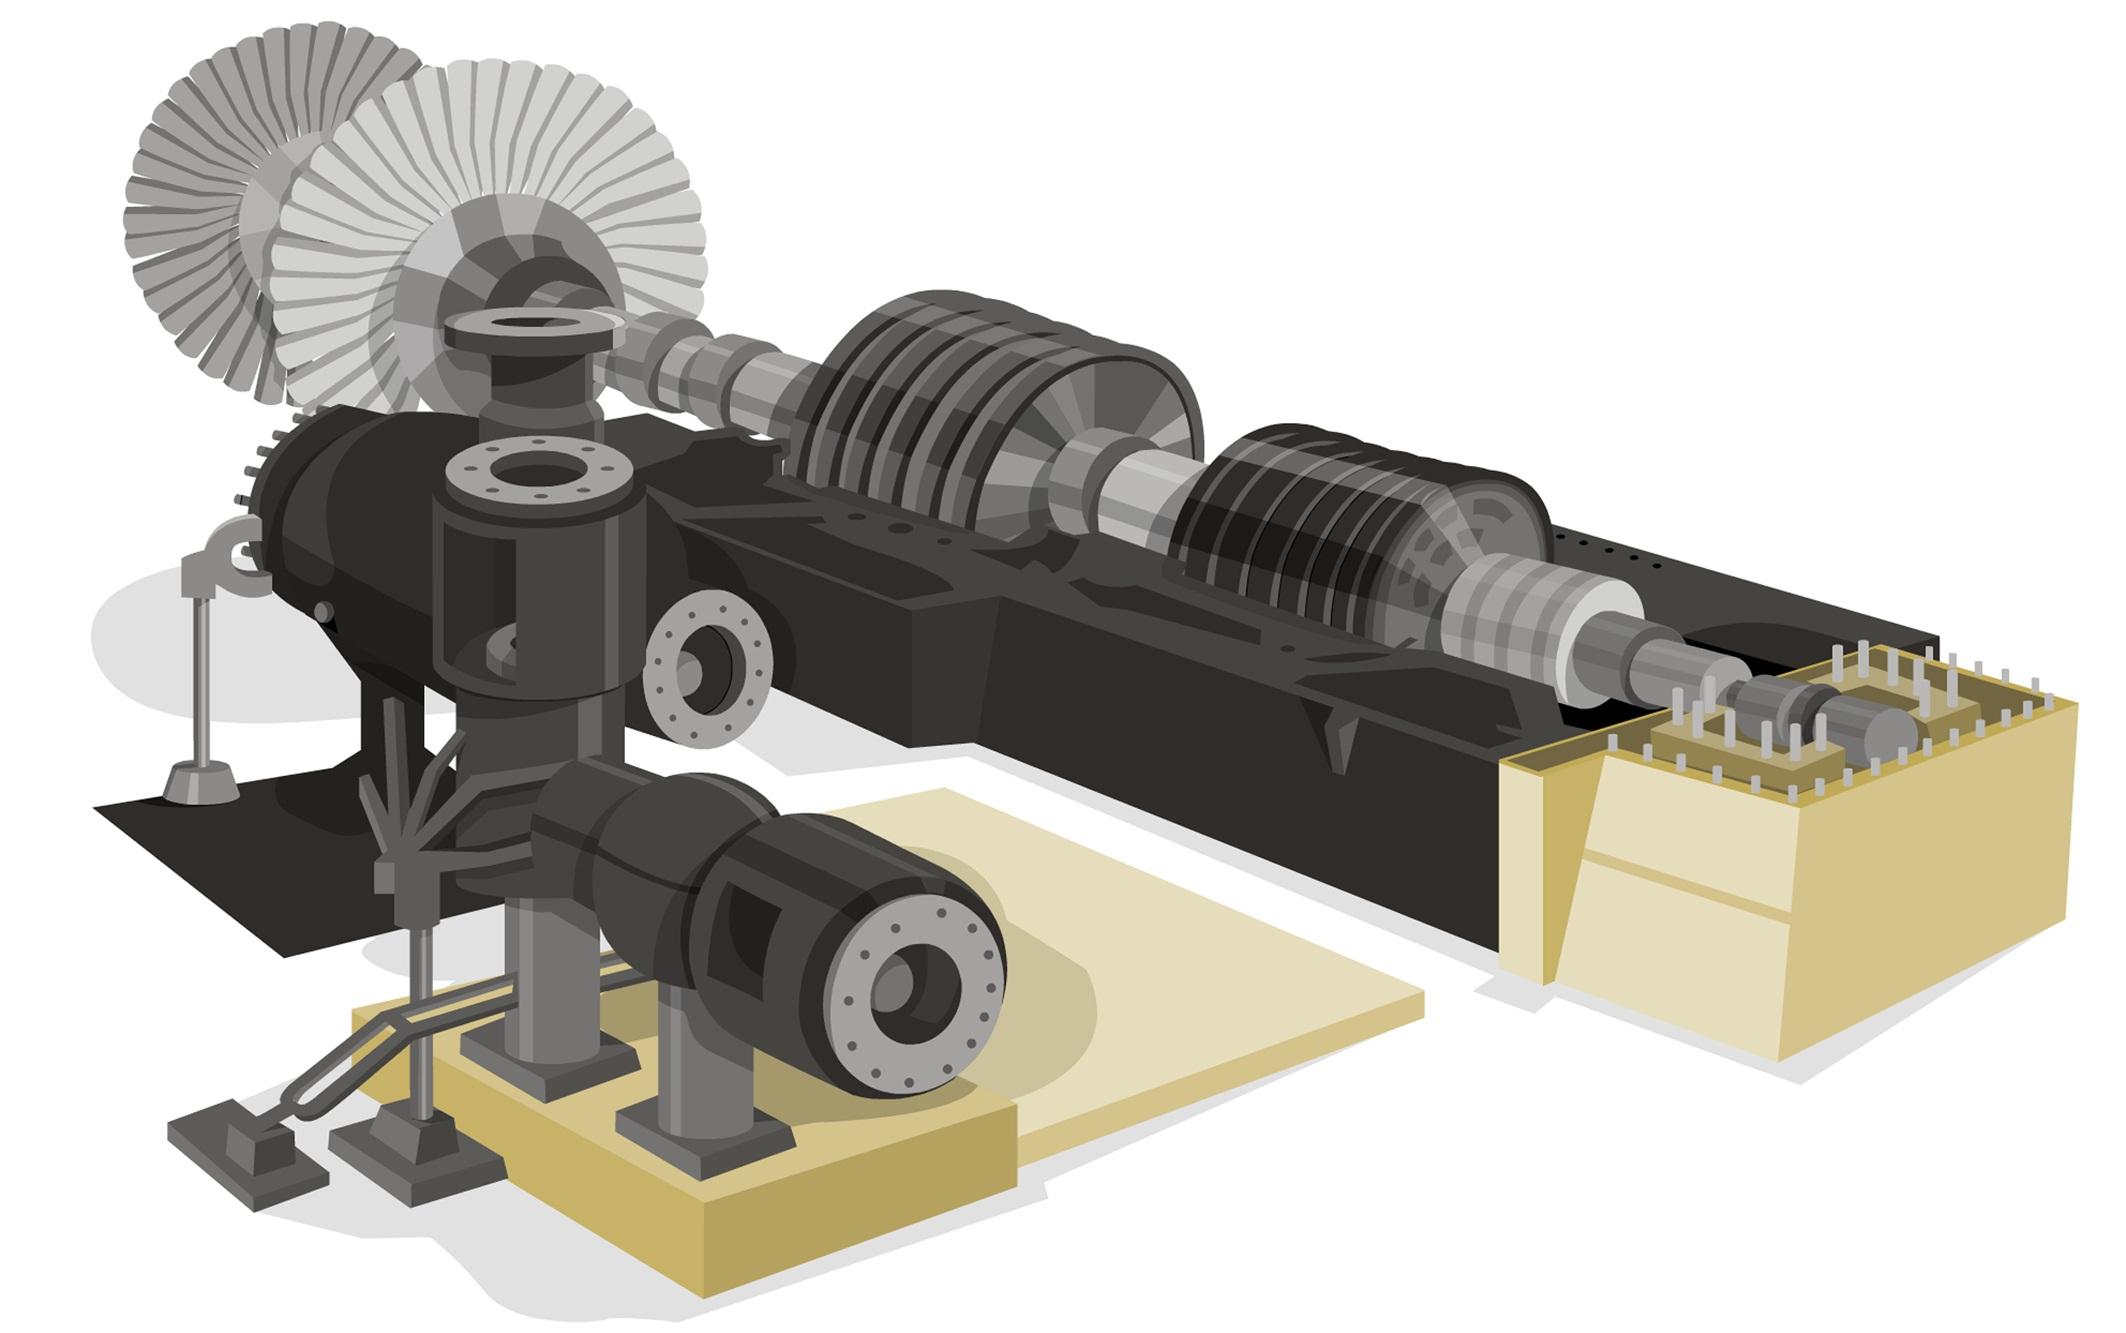 Ilustración de una turbina de vapor